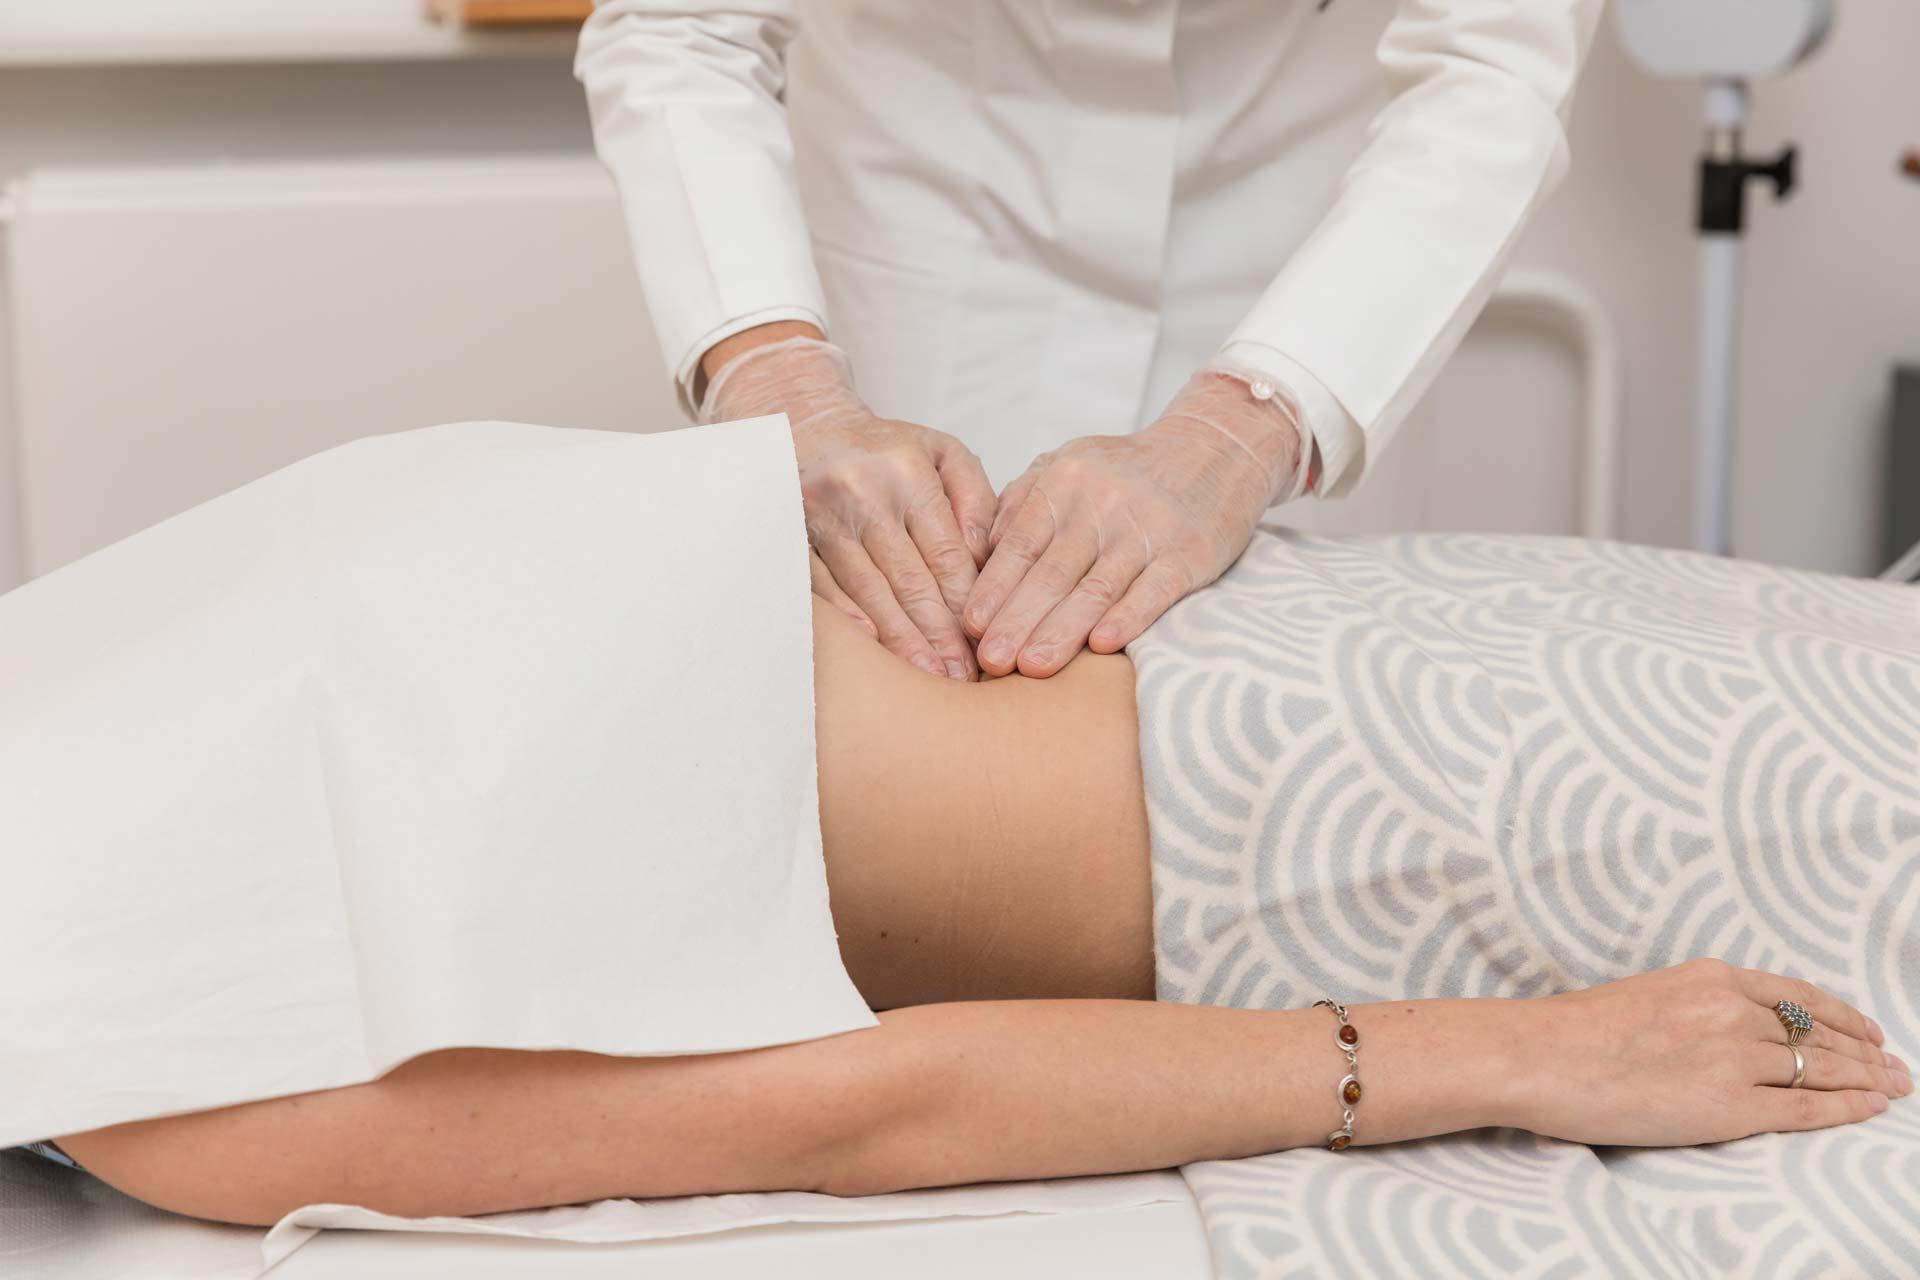 Privatarztpraxis Integrative Medizin – Darm-Hydro-Therapie in Braunschweig.